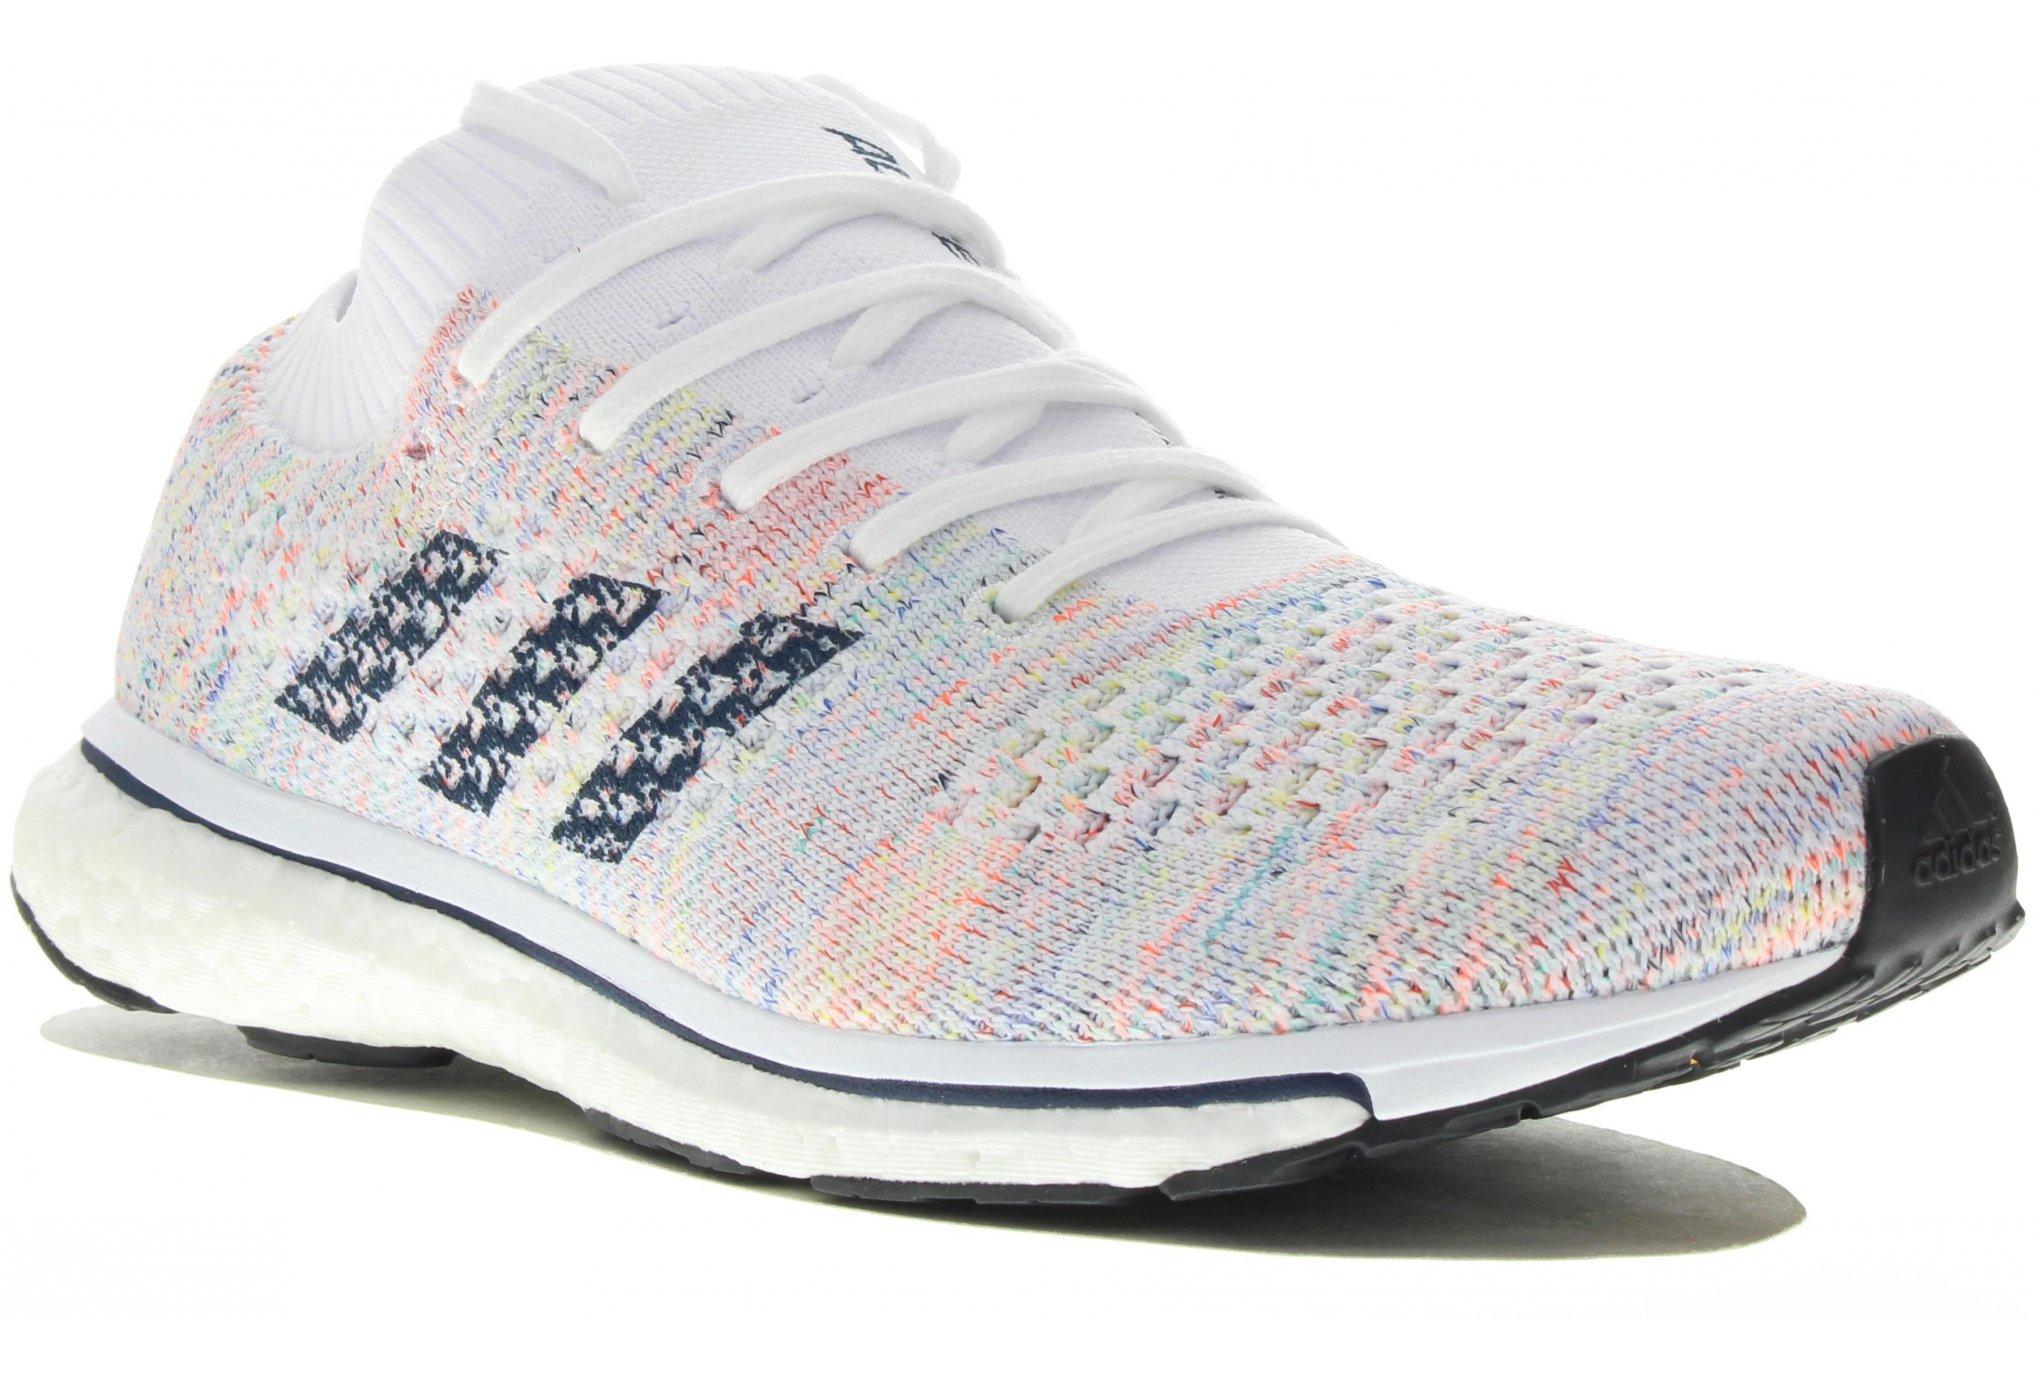 Adidas Adizero prime ltd m chaussures homme